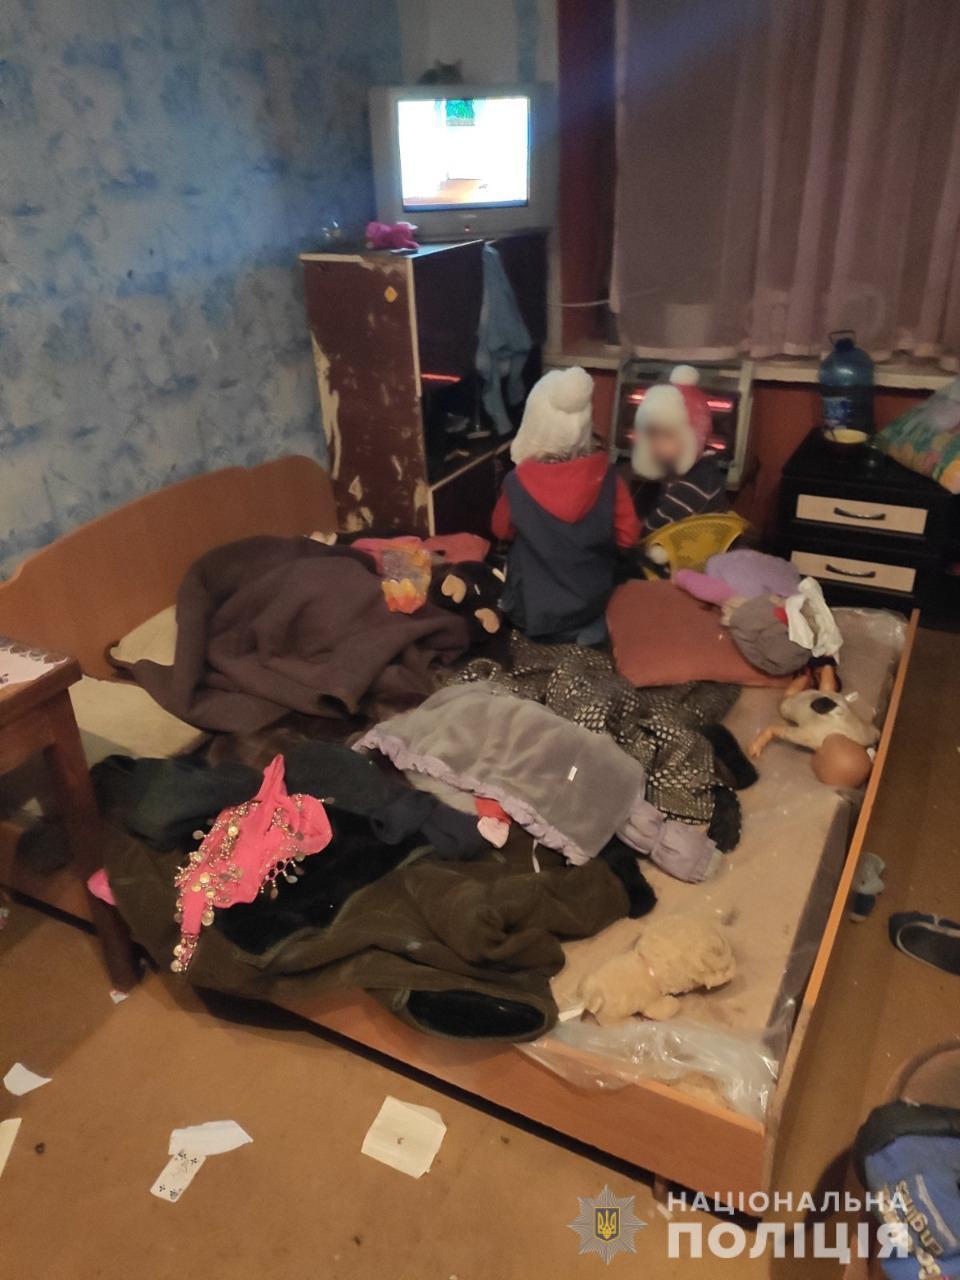 Мати пиячила у сусідів: на Харківщині у жінки забрали голодних та хворих дітей